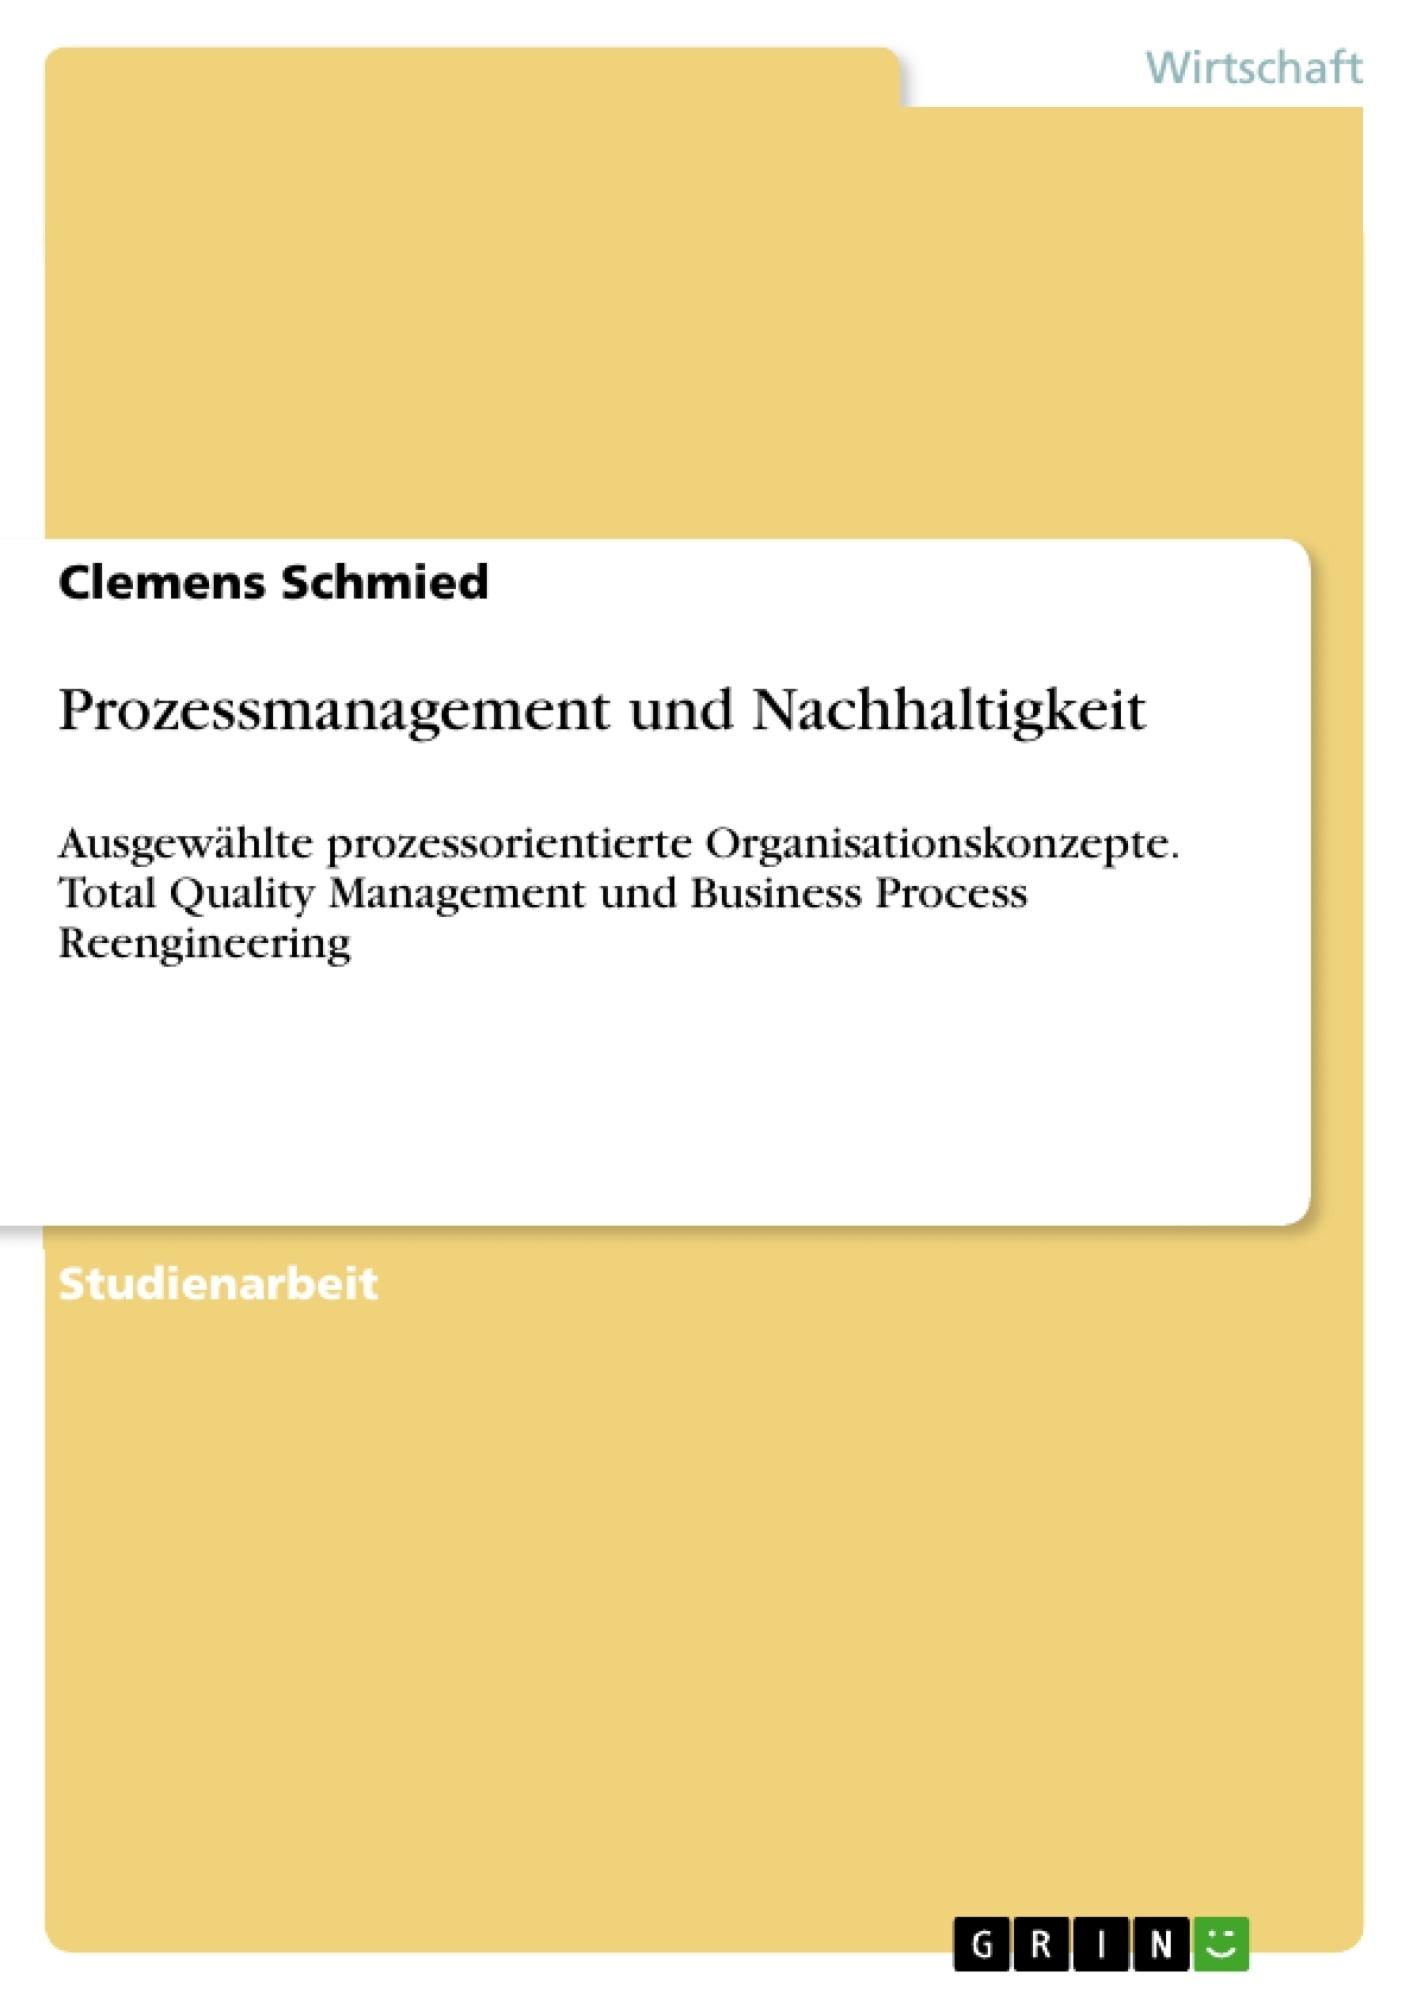 Titel: Prozessmanagement und Nachhaltigkeit